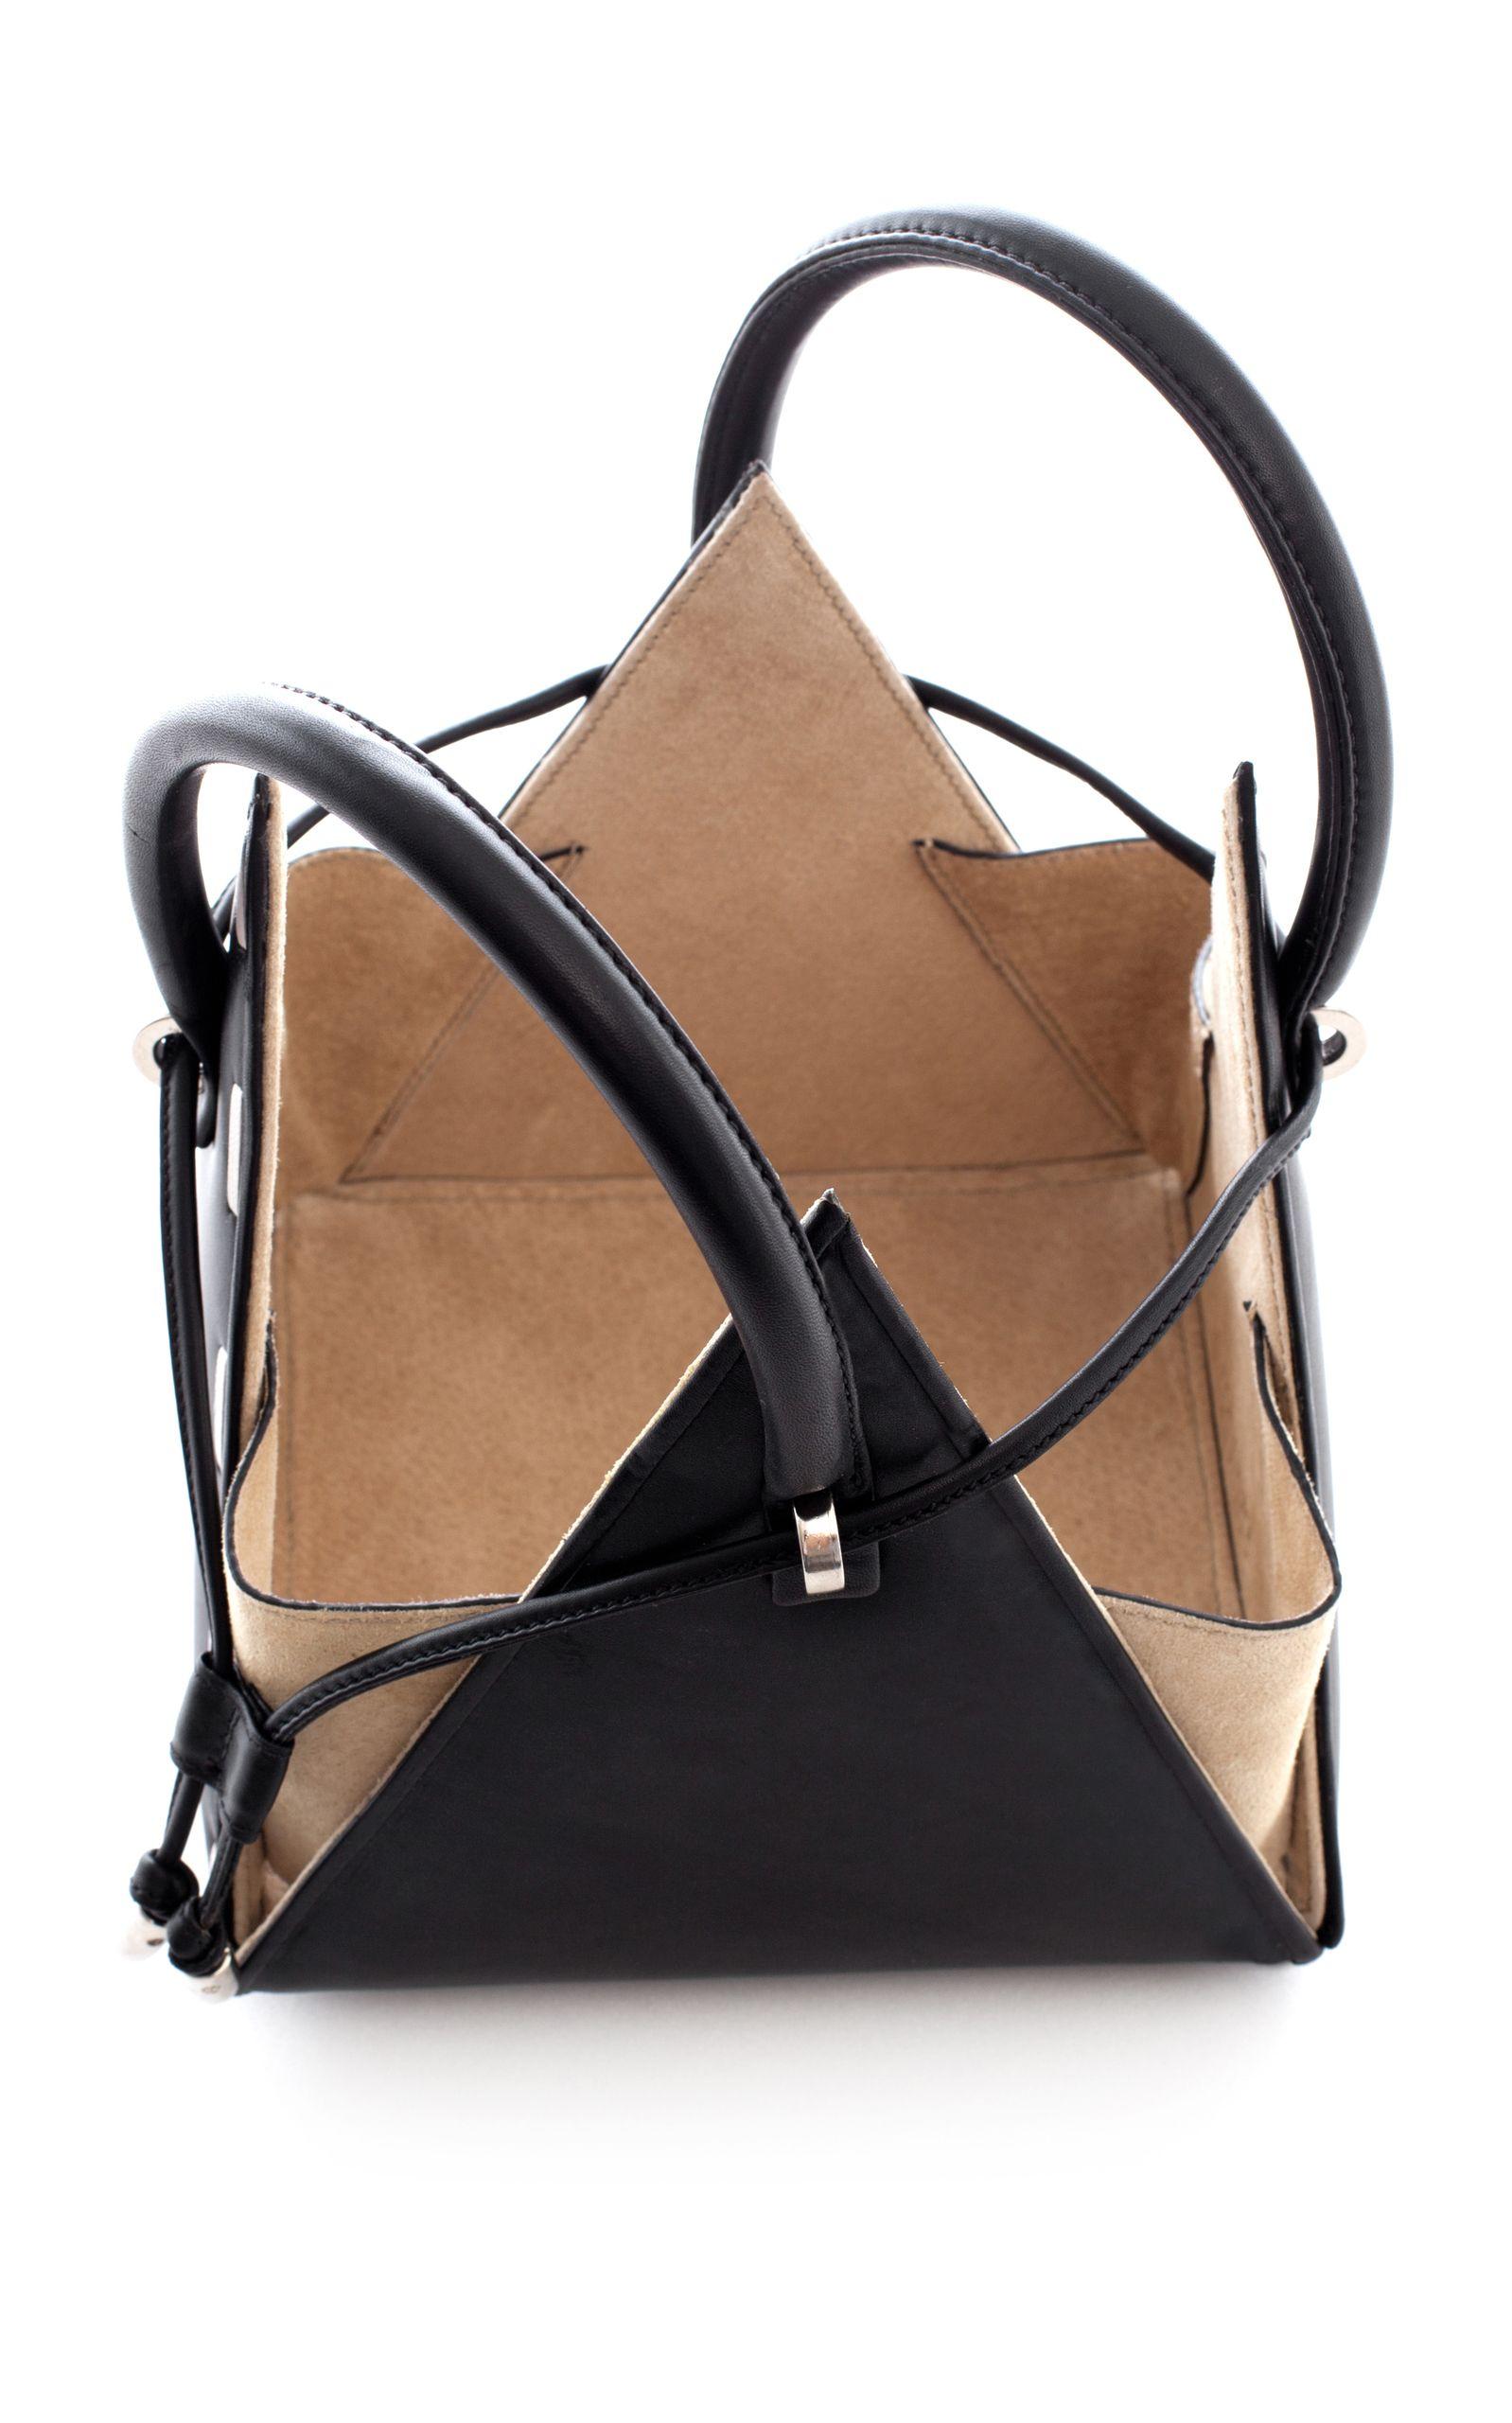 9c1e933fb Nita Suri Lia Mini Bag ColorBlack $725 Bolsos De Cuero, Telas, Blusas,  Billeteras